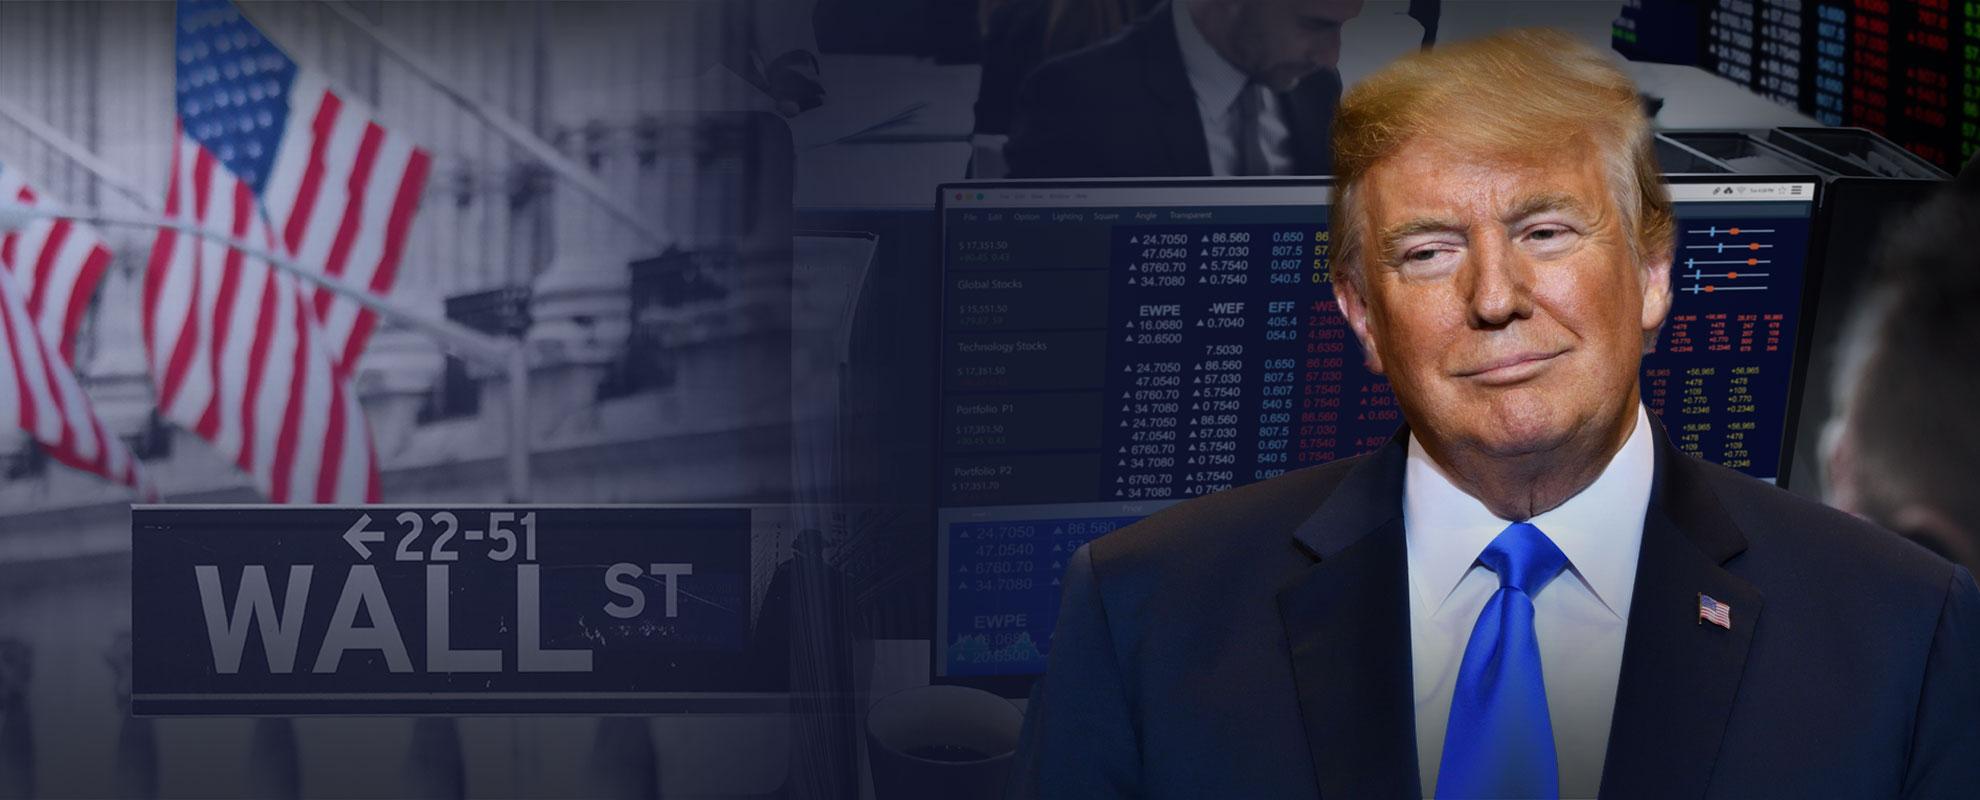 Trump Criticizes Fed Again Despite Latest Rally in Stocks